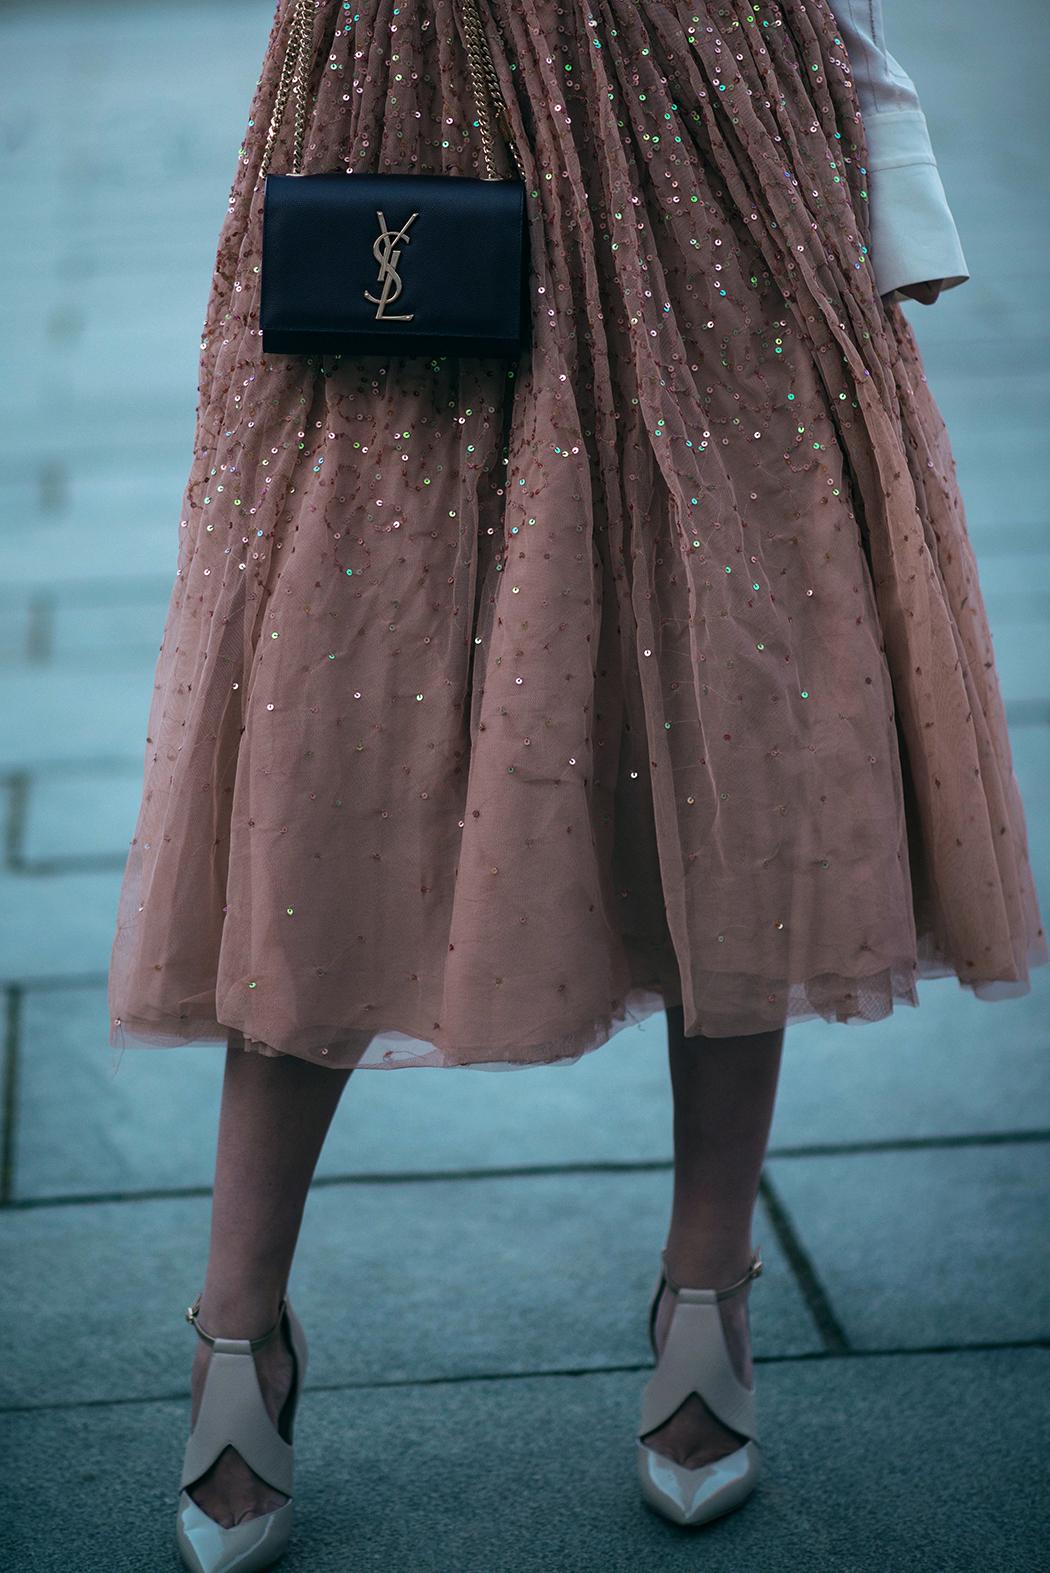 fashionblog-fashionblogger-fashion-blog-blogger-muenchen-munich-paris-paillettenrock-lindarella_04